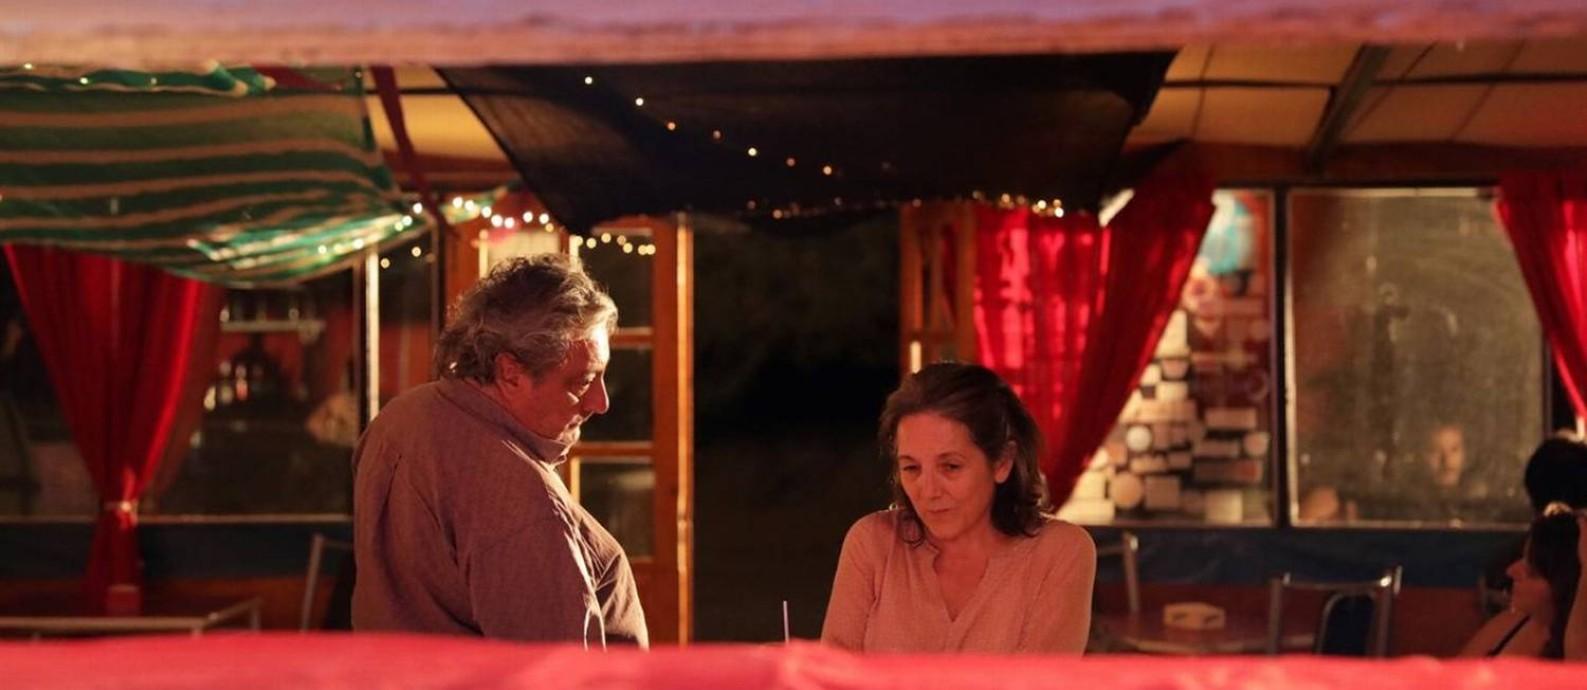 Cena do filme 'A noiva do deserto' Foto: Divulgação